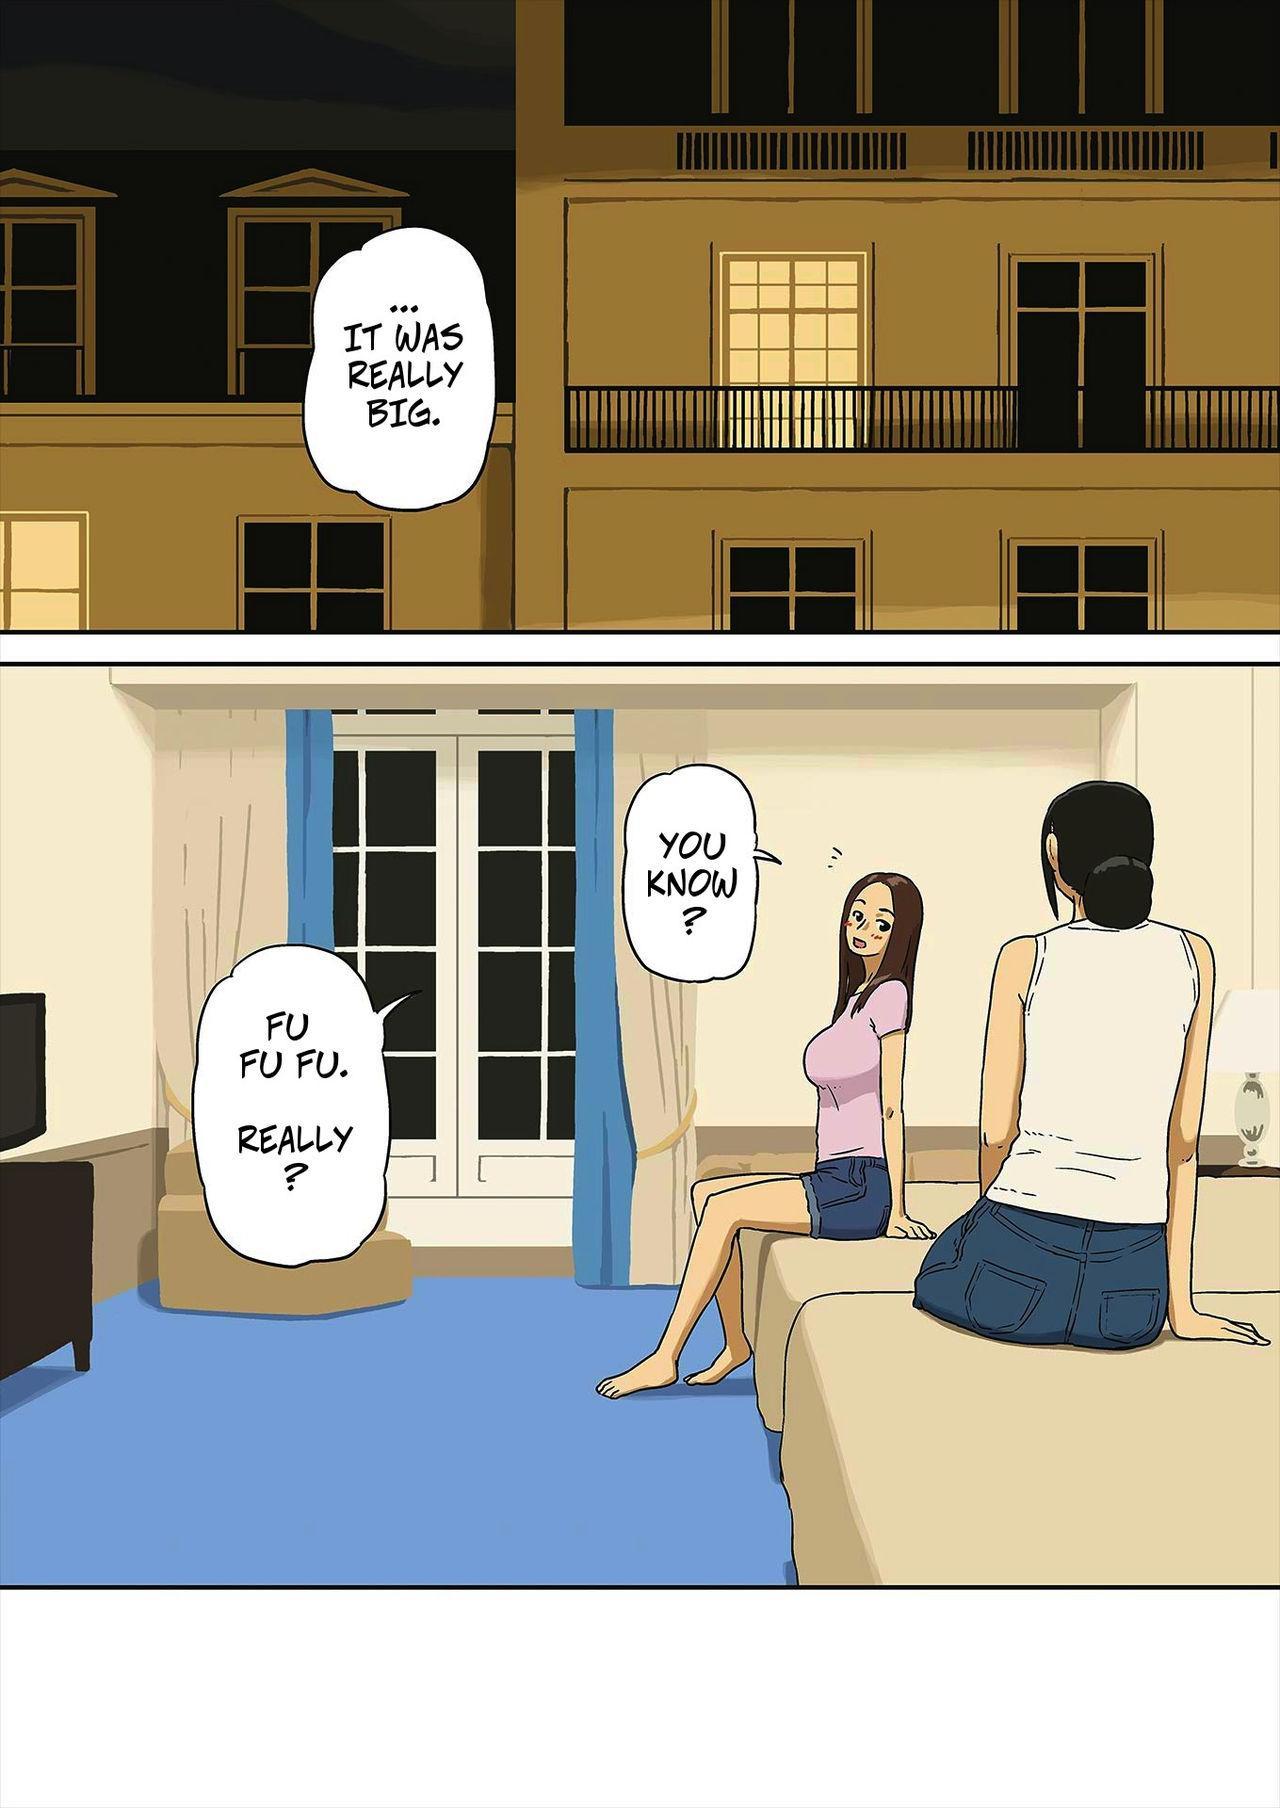 Share 2 Kaa-san tte Muriyari Saretari Suru no Suki na no? | Share 2: Does Mom Like Using Force? 7